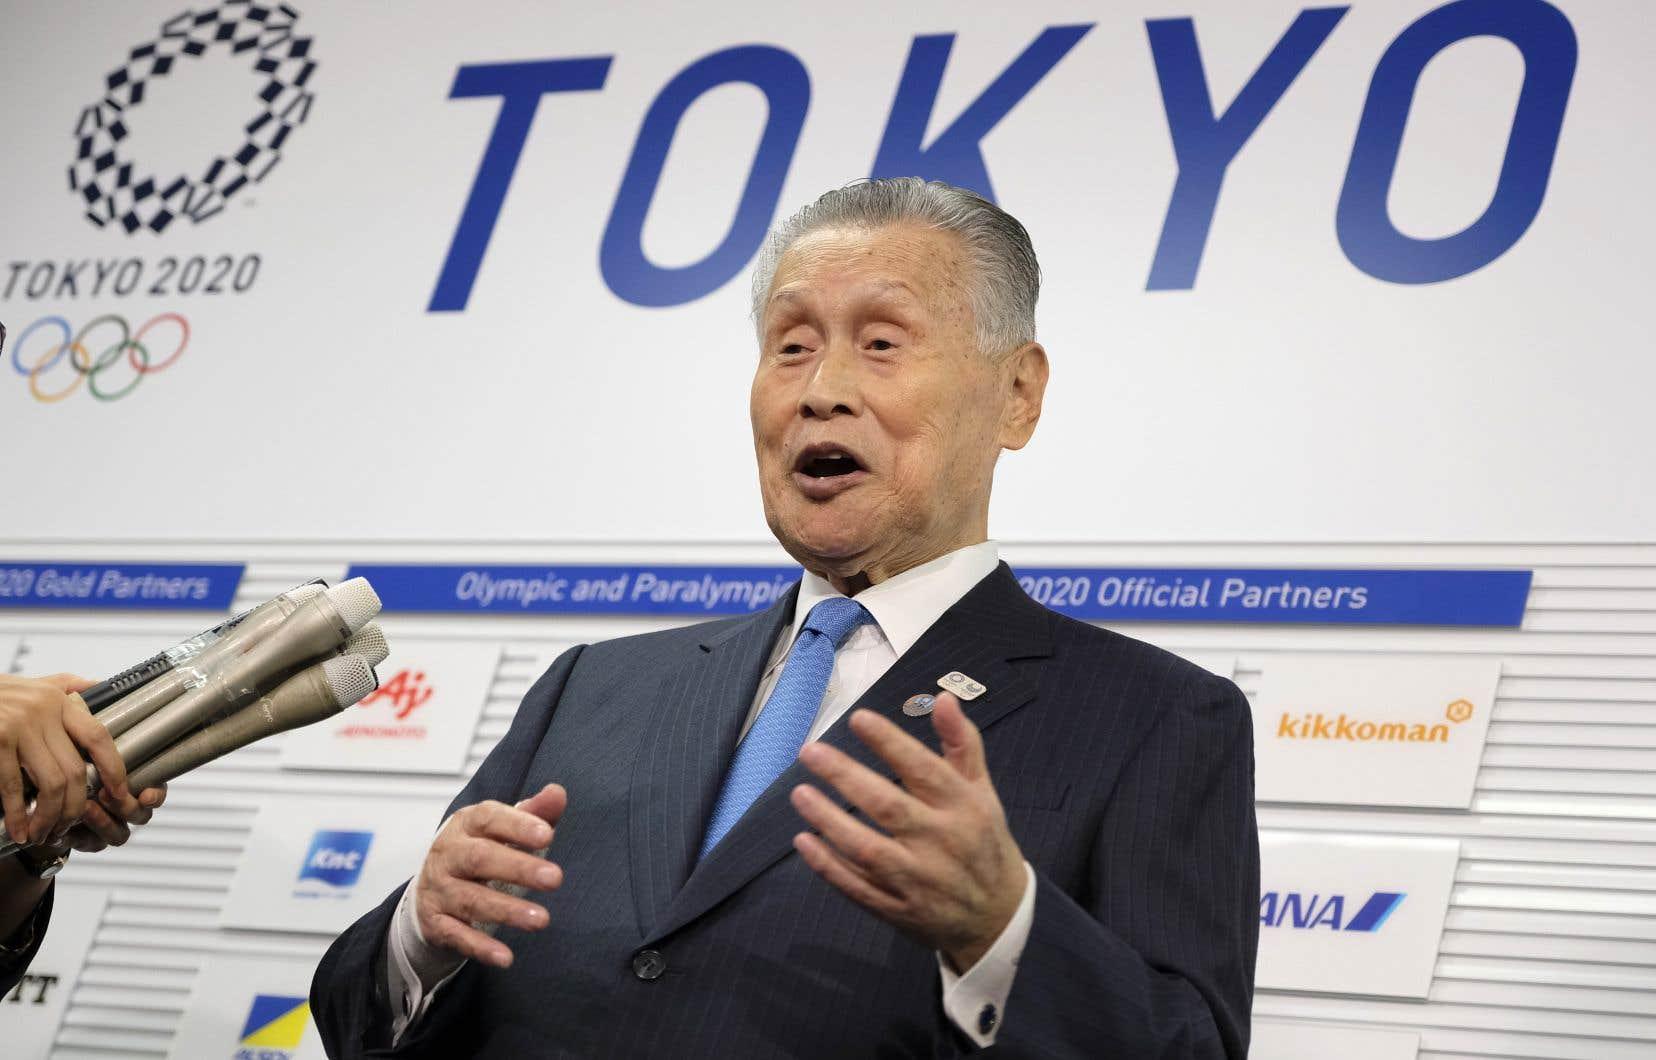 Le président du comité d'organisation des Jeux olympiques de Tokyo, Yoshiro Mori